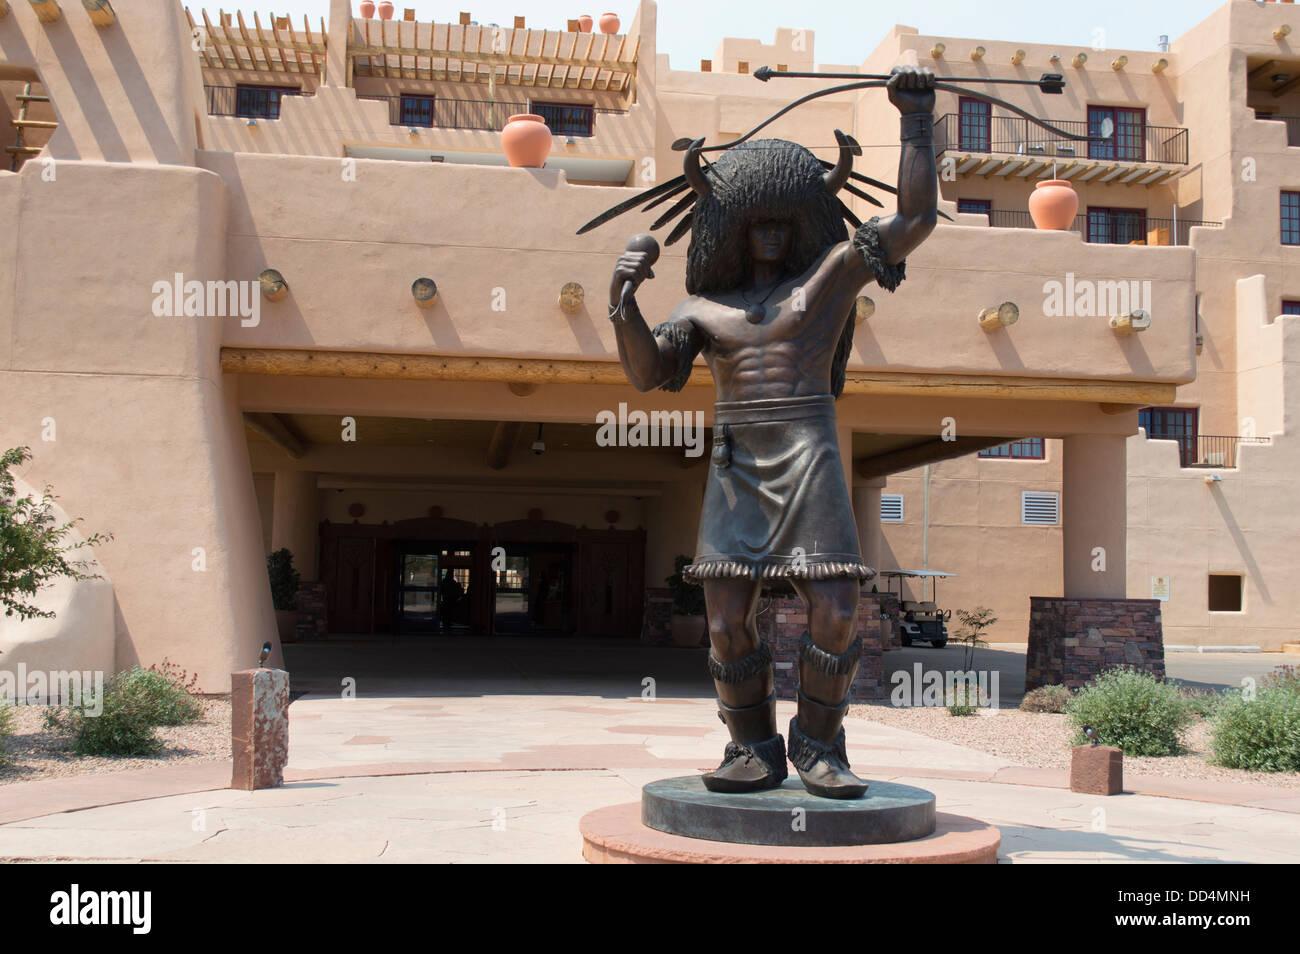 A statue outside the Buffalo thunder casino, near Santa Fe, New Mexico. - Stock Image